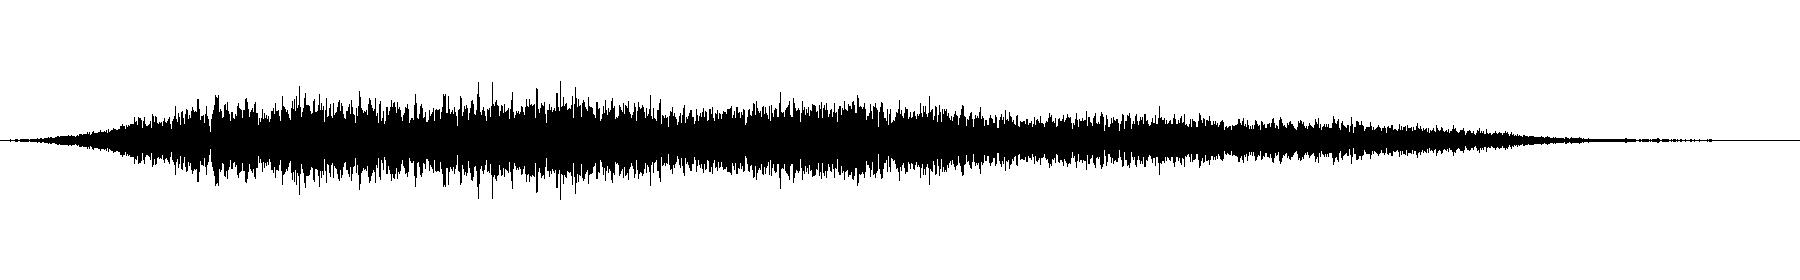 vfx1 atmos 60